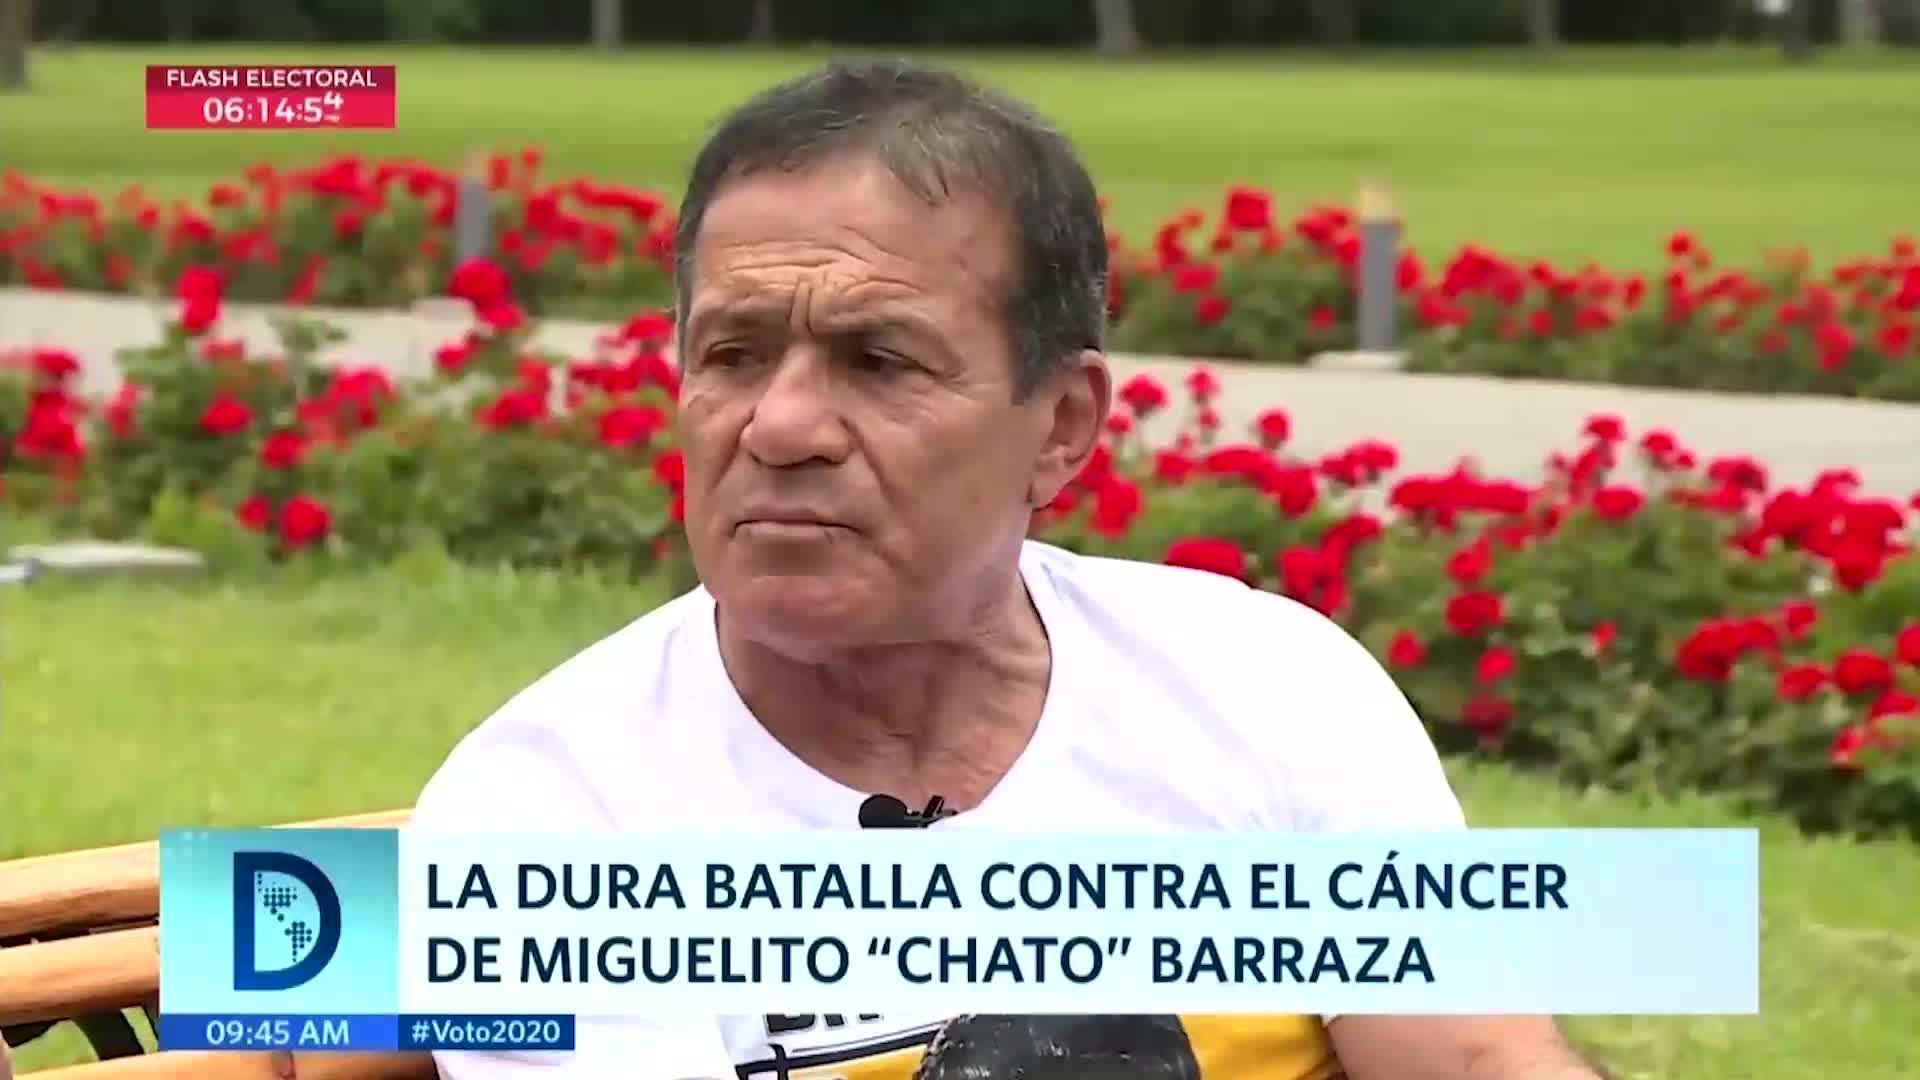 """Miguel """"chato"""" Barraza y su lucha contra el cáncer"""